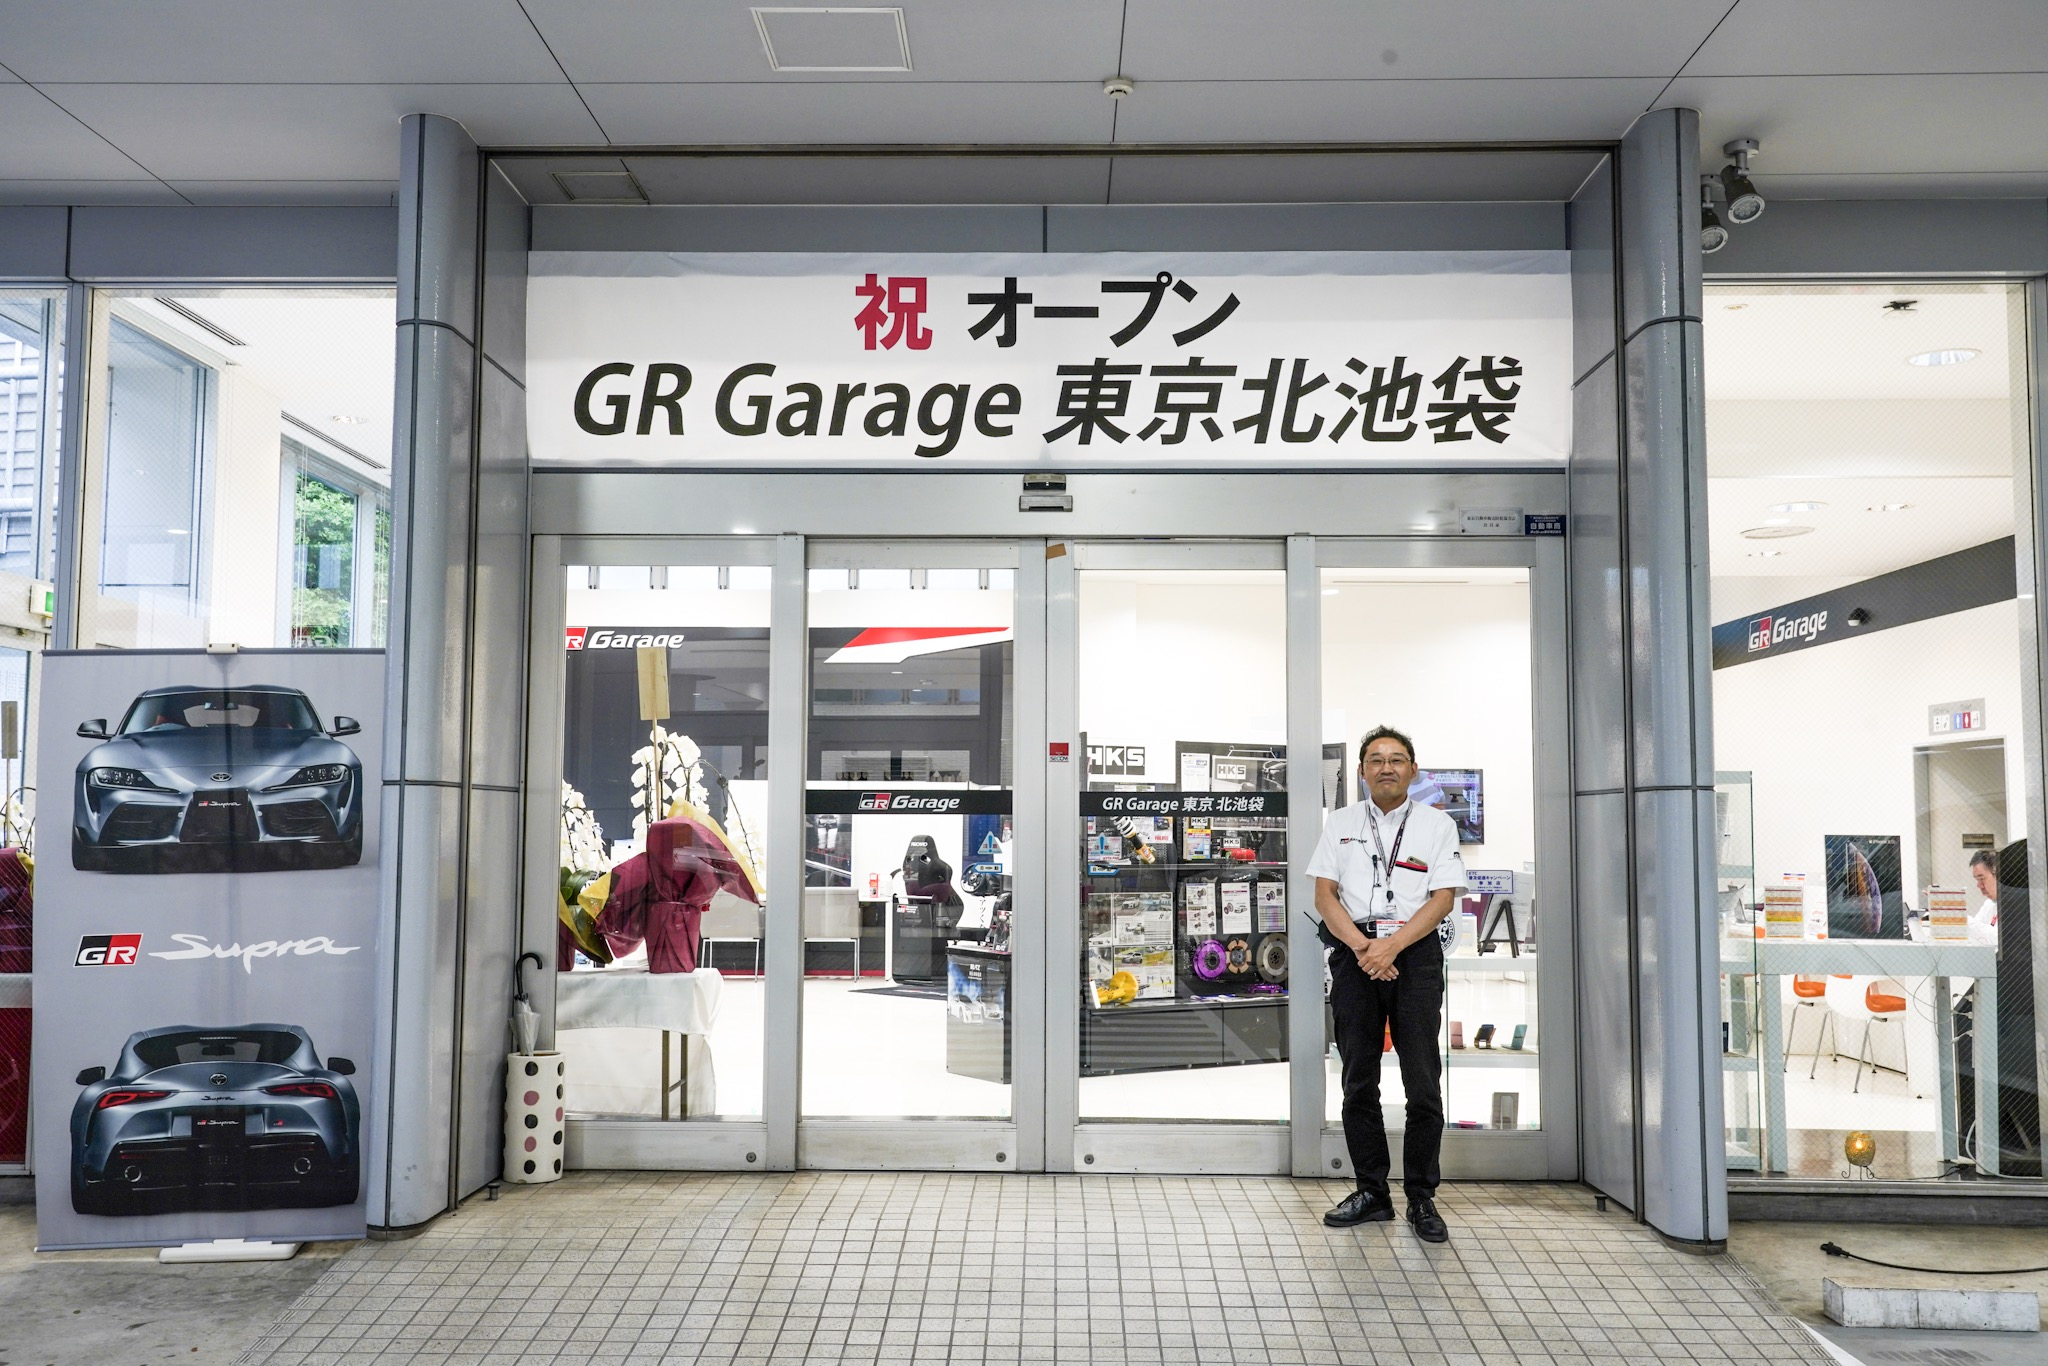 GRガレージ 東京北池袋